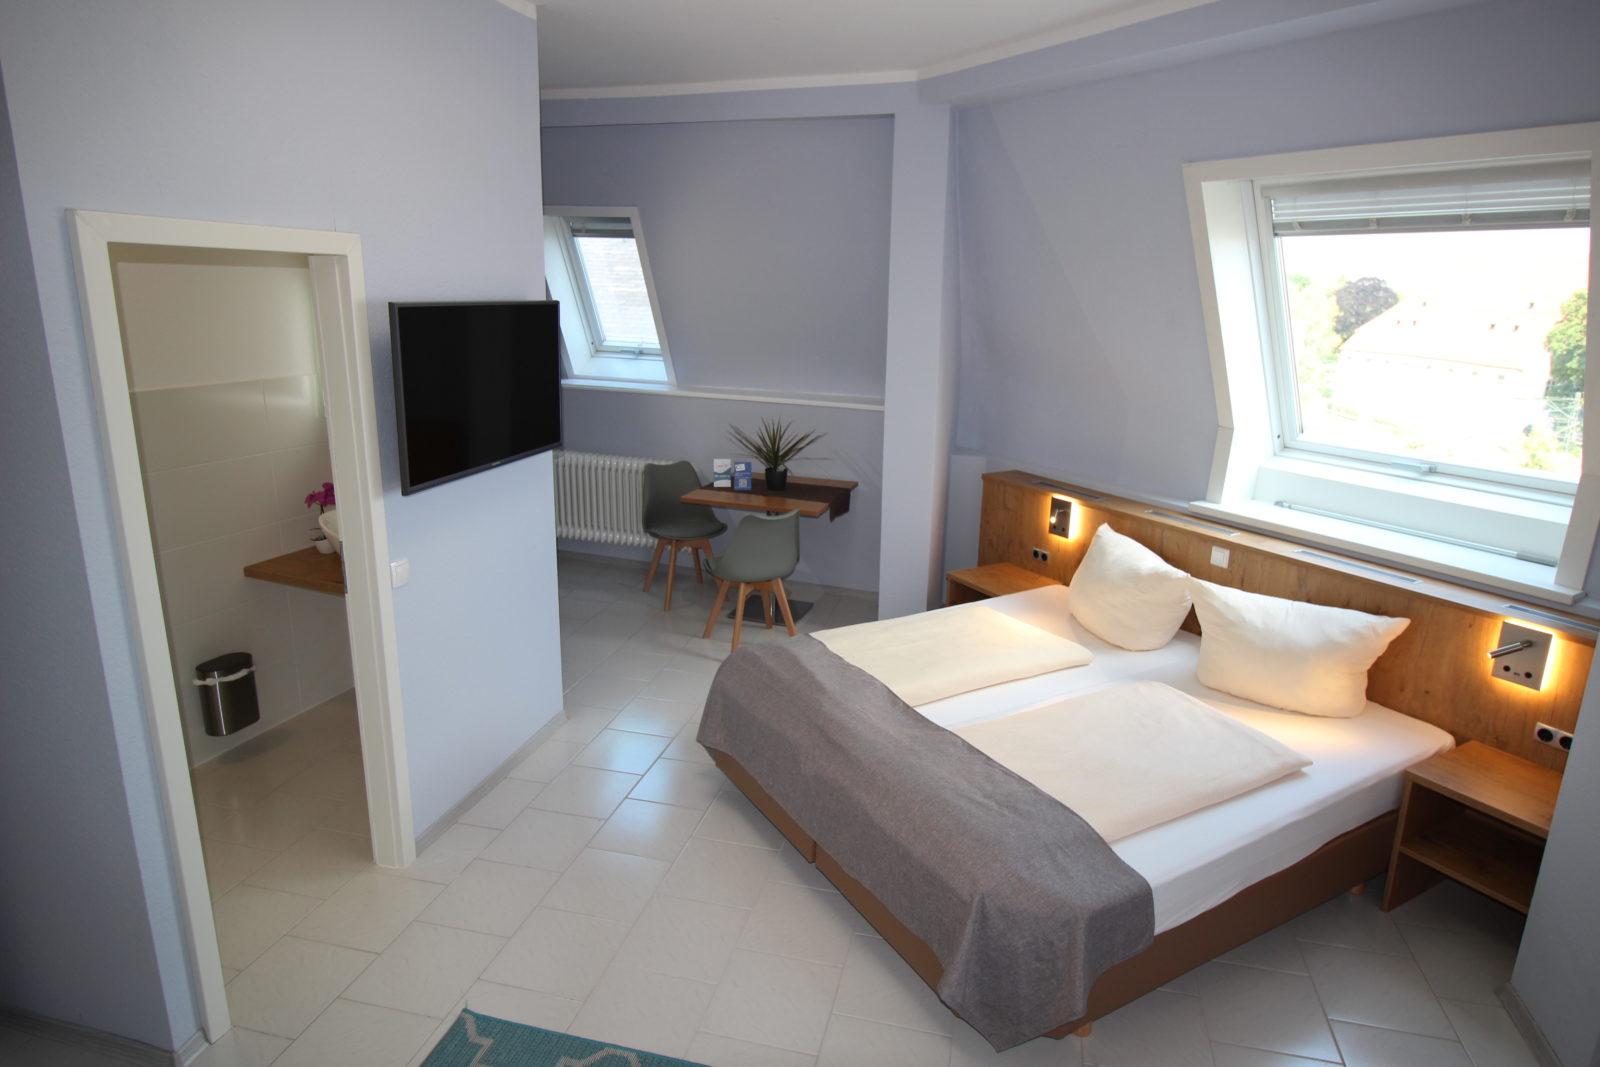 Familienzimmer - Hotel Gästehaus Centro in Konstanz am Bodensee